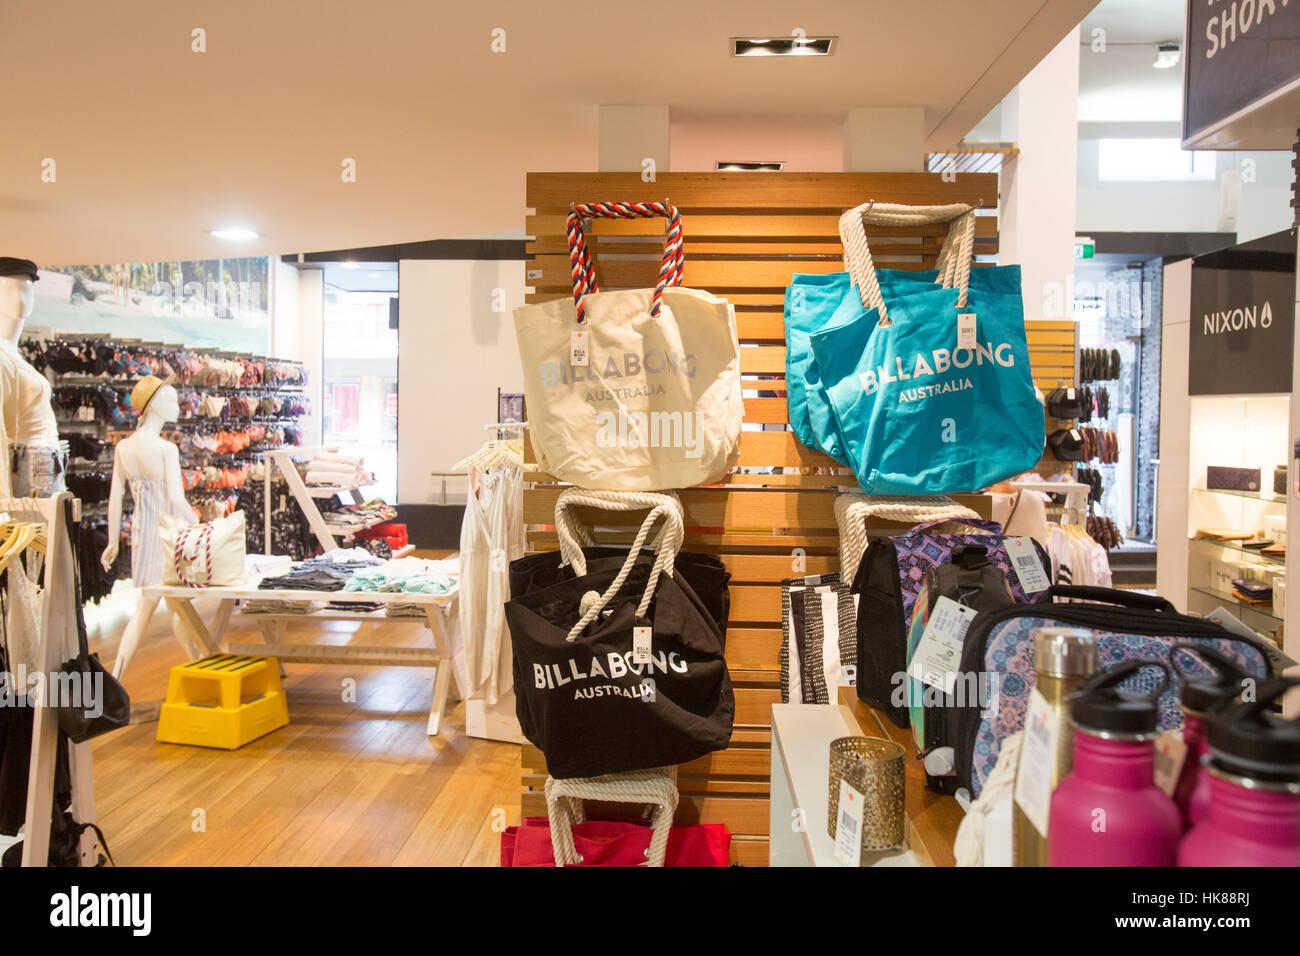 e8f5046c97cf2 Billabong hechas bolsas de playa y demás ropa de surf a la venta dentro de  Surf Billabong desgaste tienda de Sydney